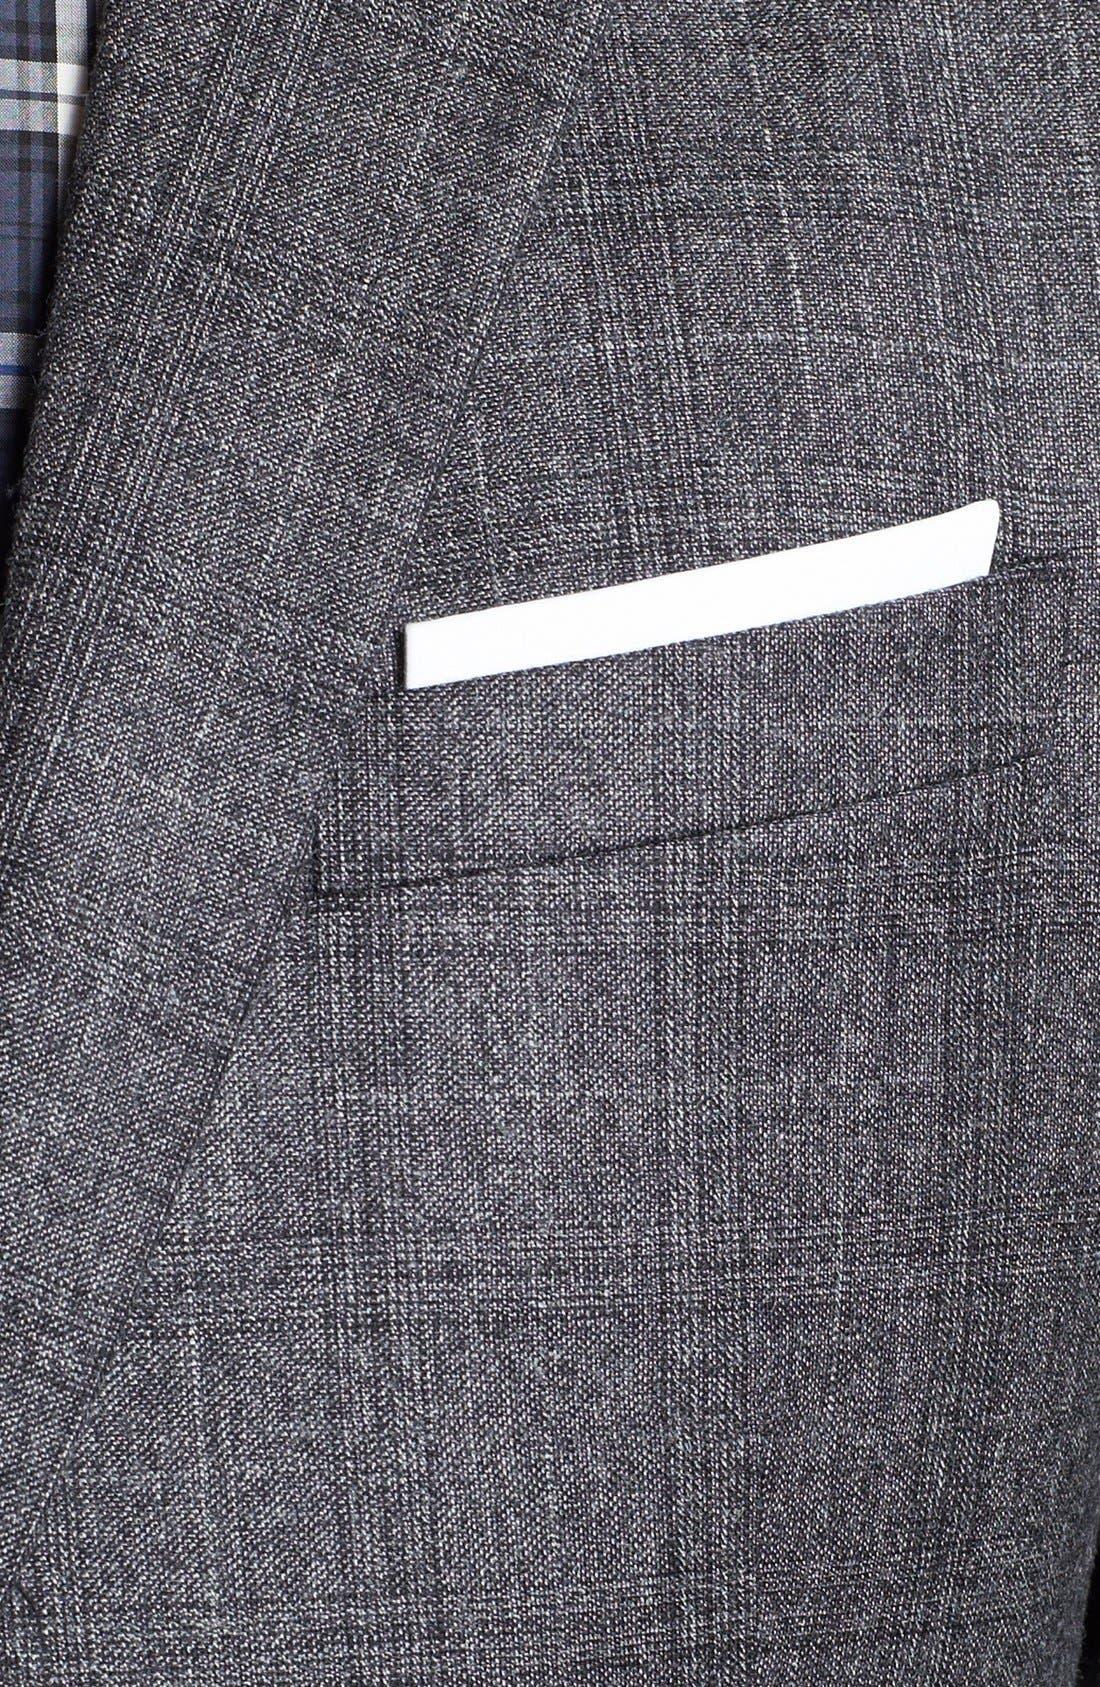 Alternate Image 2  - Neil Barrett Windowpane Plaid Wool Suit